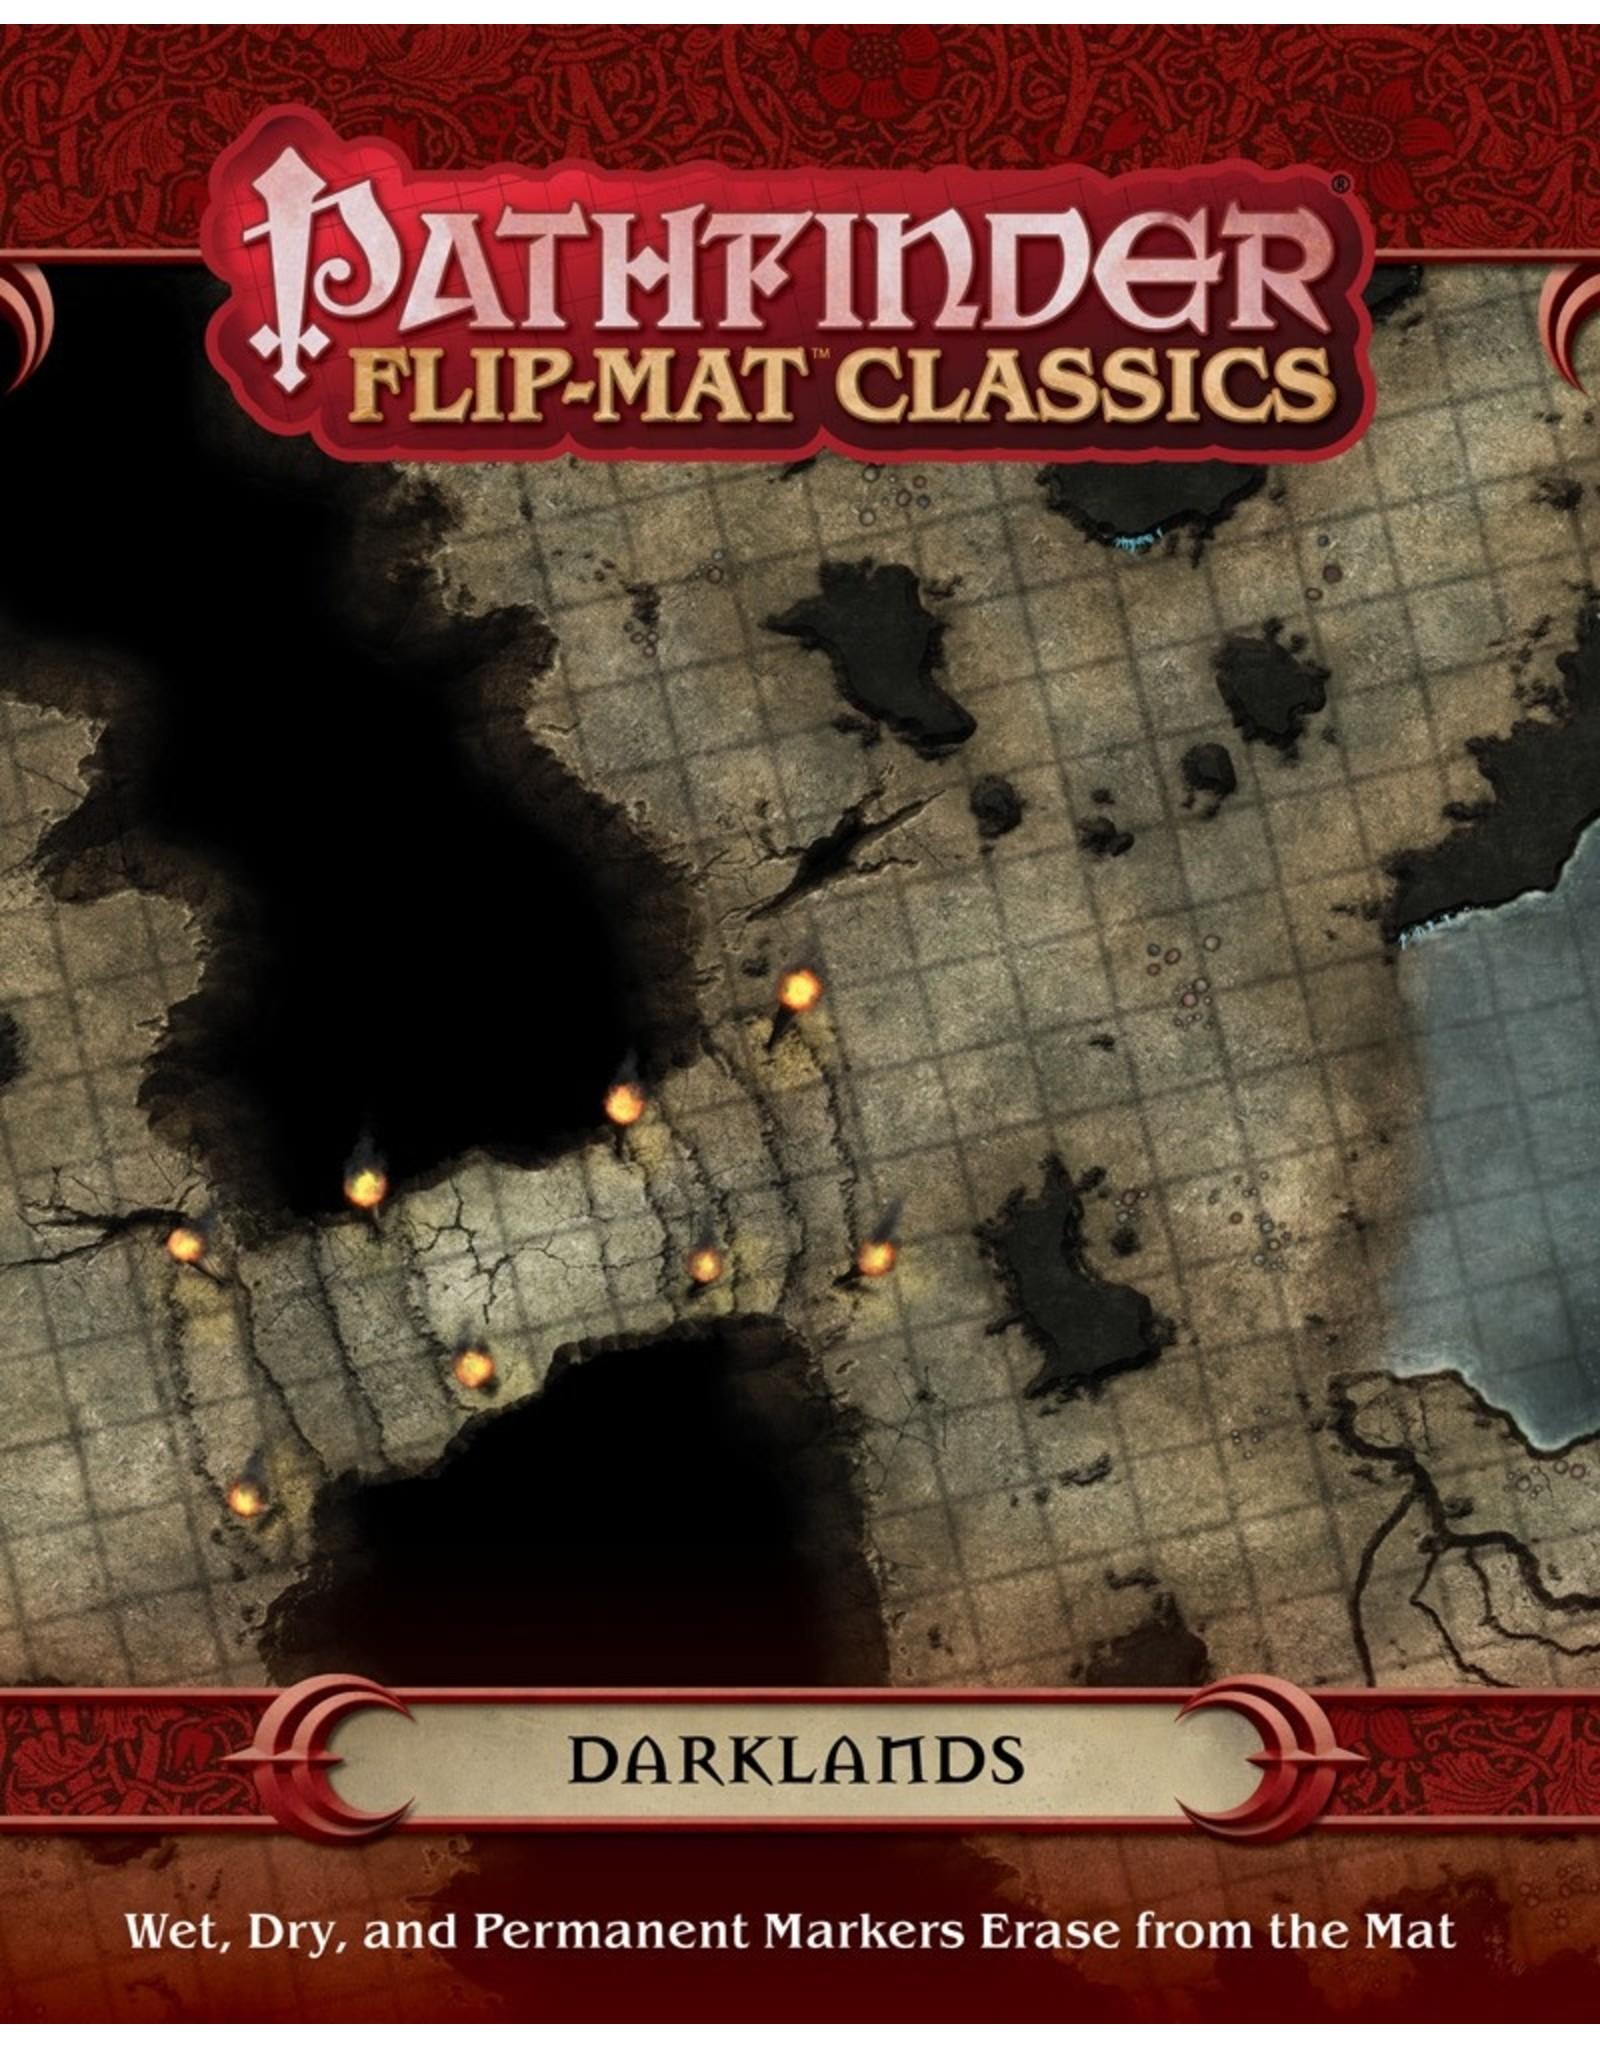 Pathfinder GameMastery Flip-Mat: Darklands